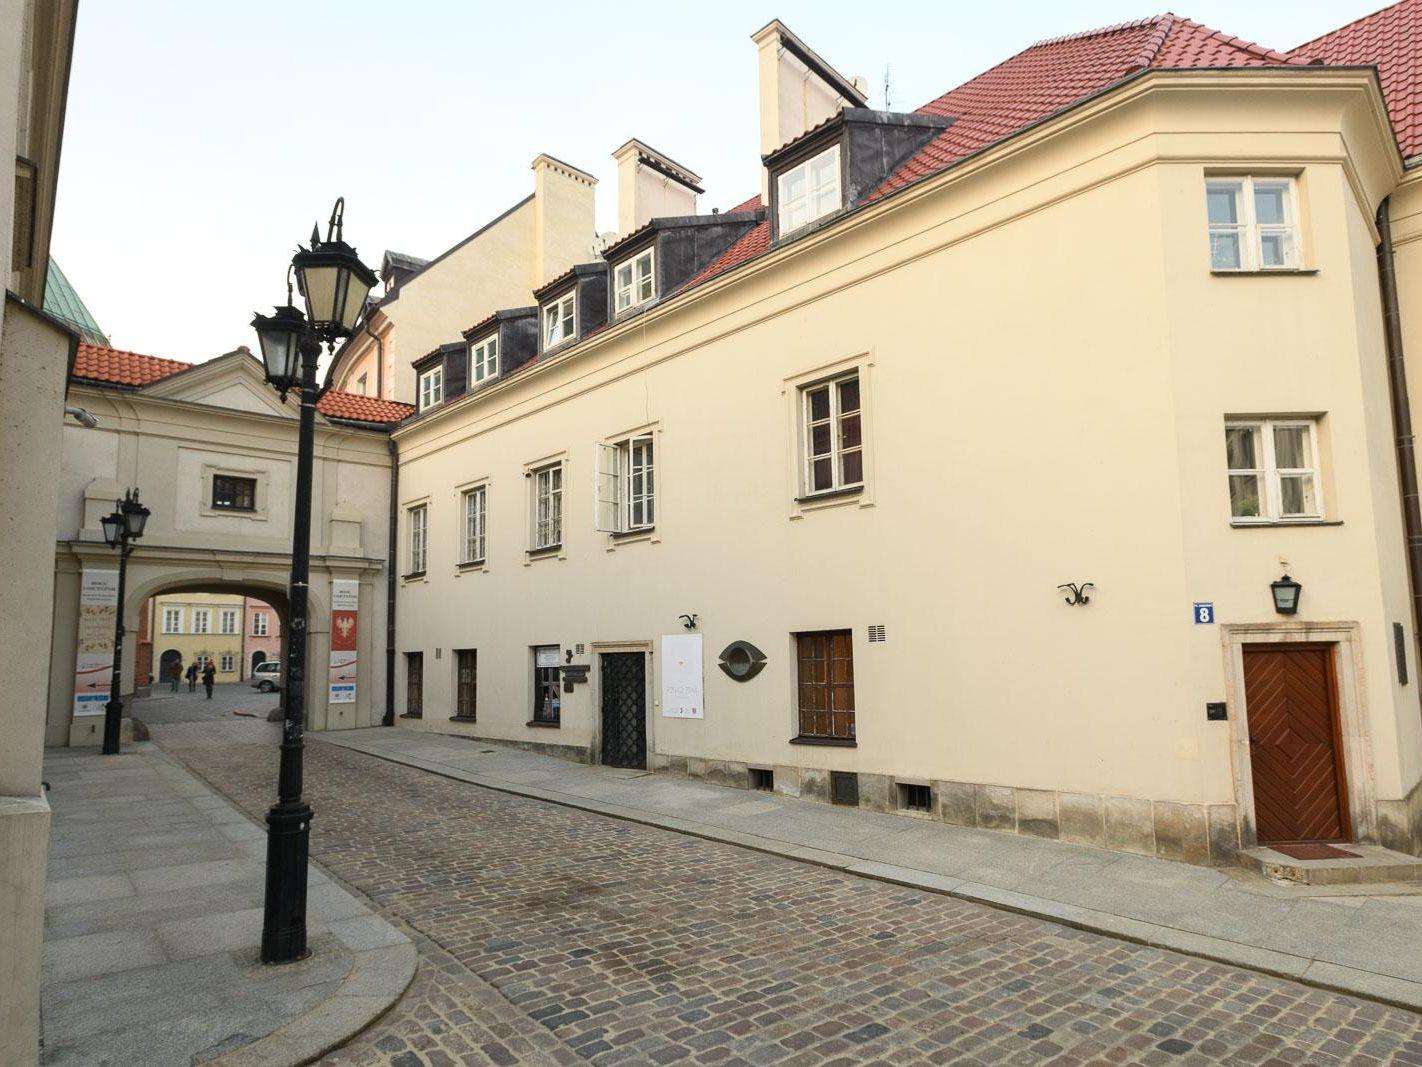 Ponad Zima – ZPAF Warszawa